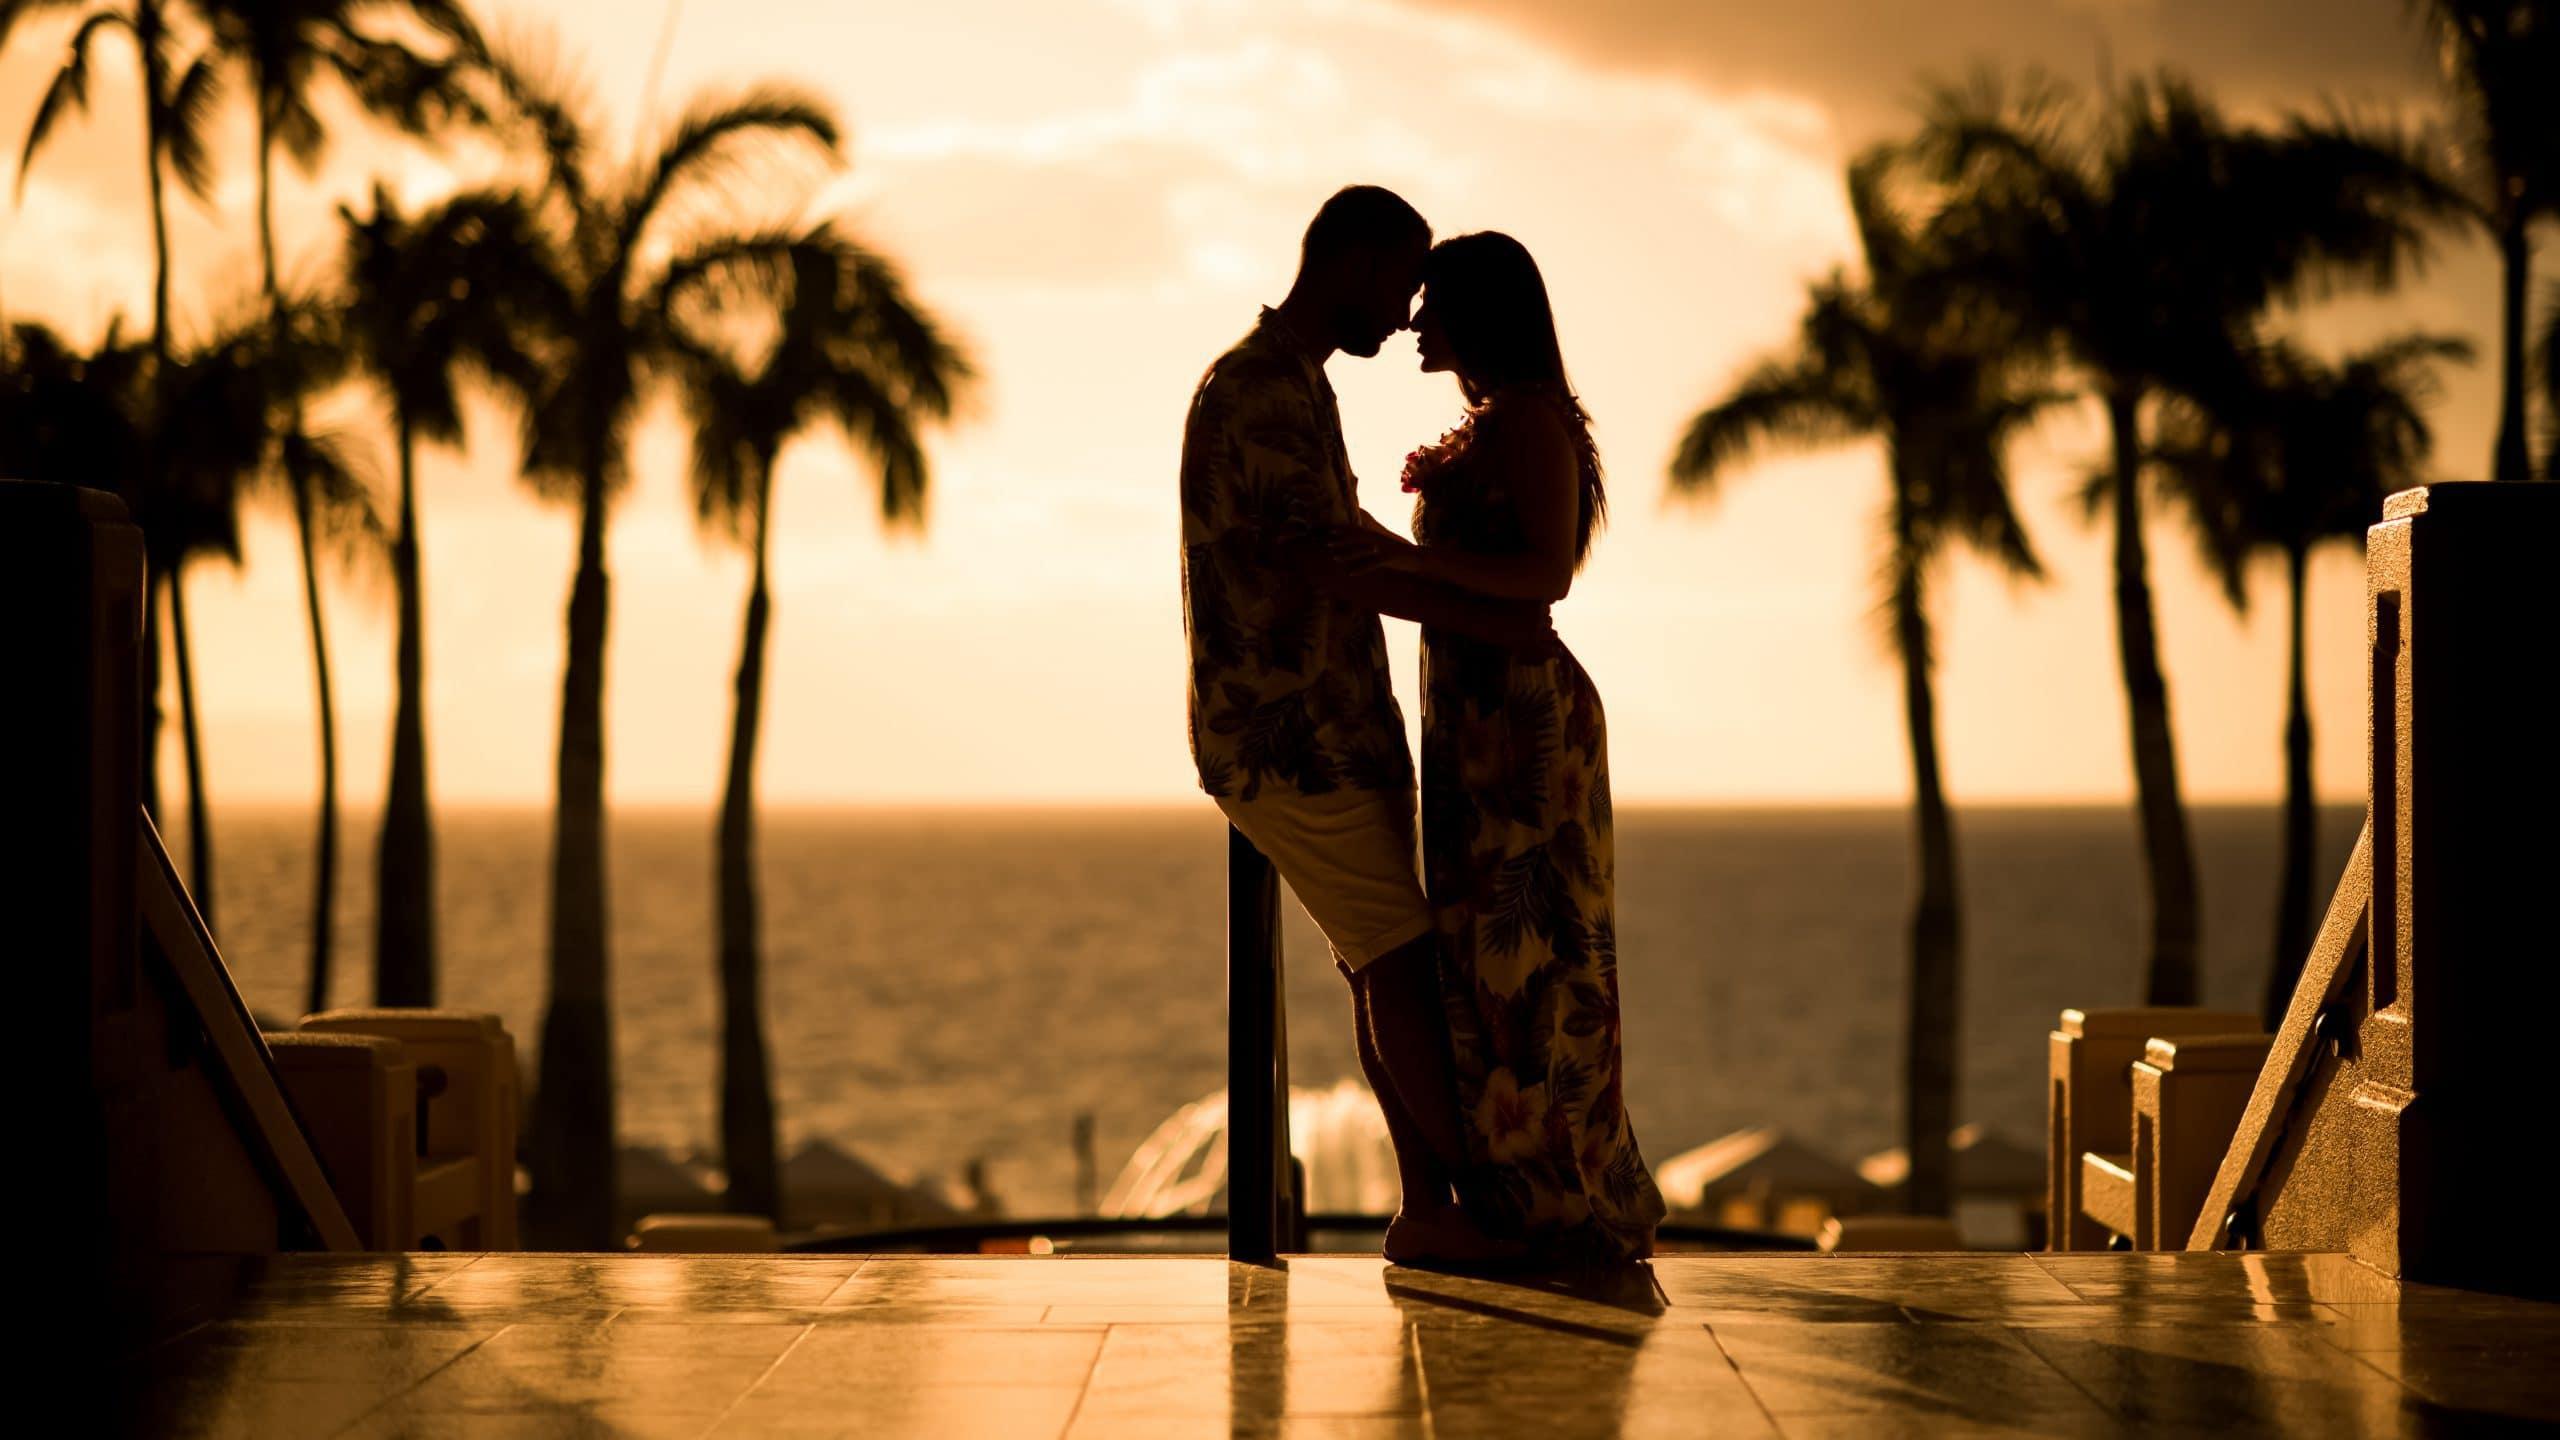 J. Anthony Martinez Photography Maui Wedding Photographer Four Seasons Resort Maui at Wailea Mashael _ Fahad Sulaimani-17